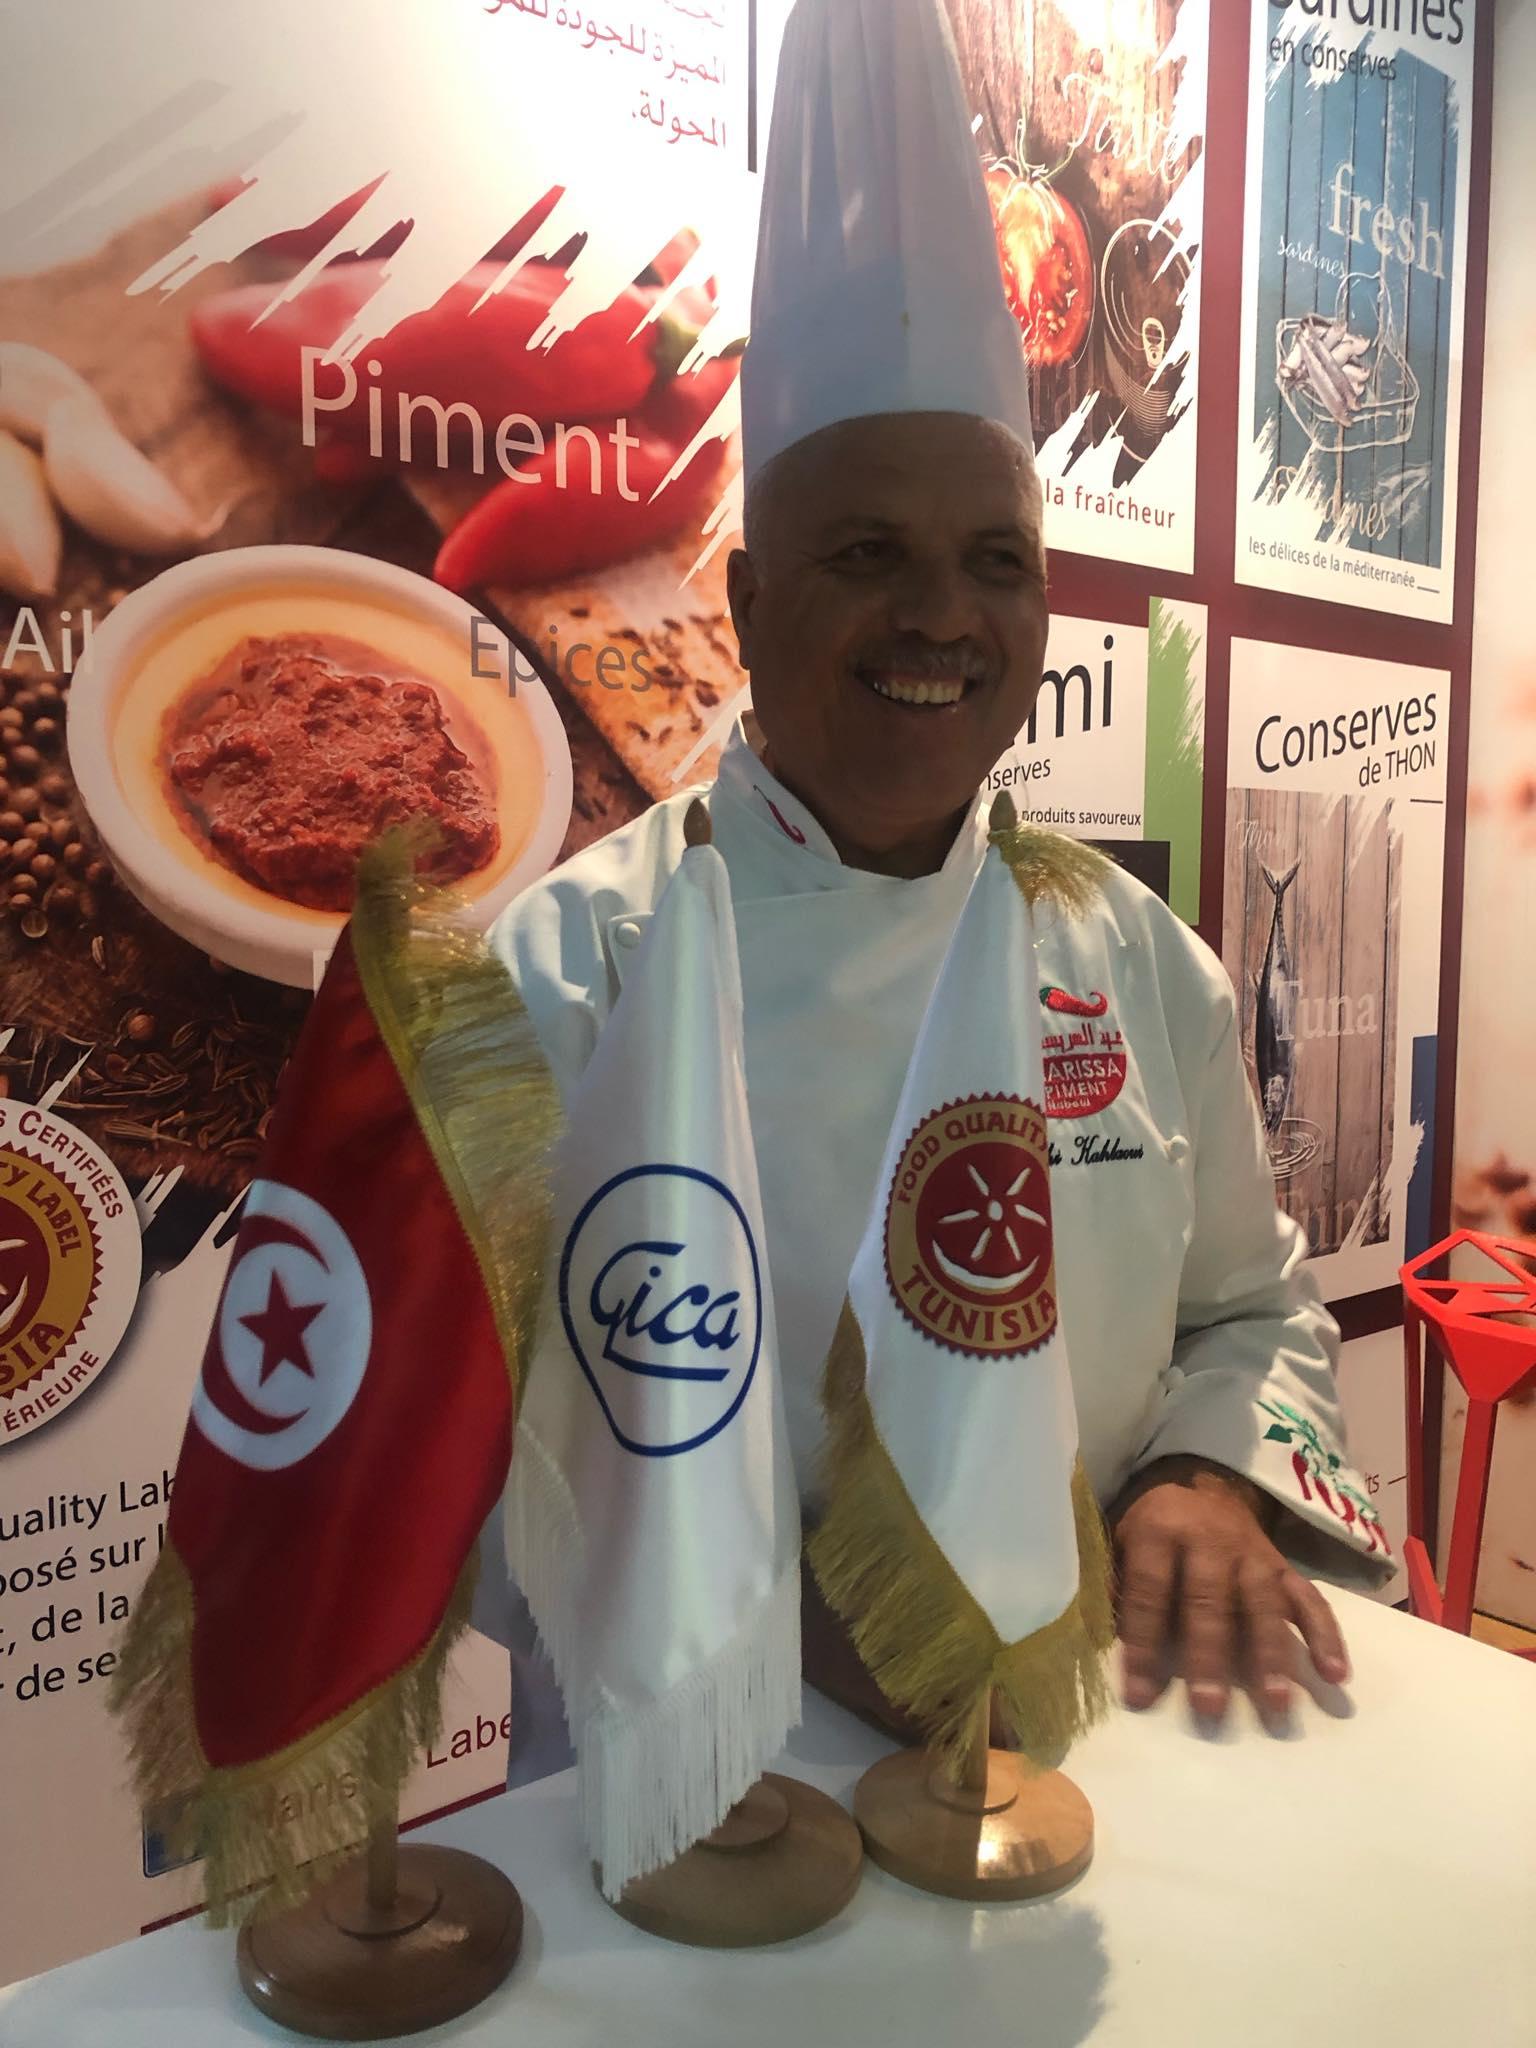 Chef Kahlaoui Gica